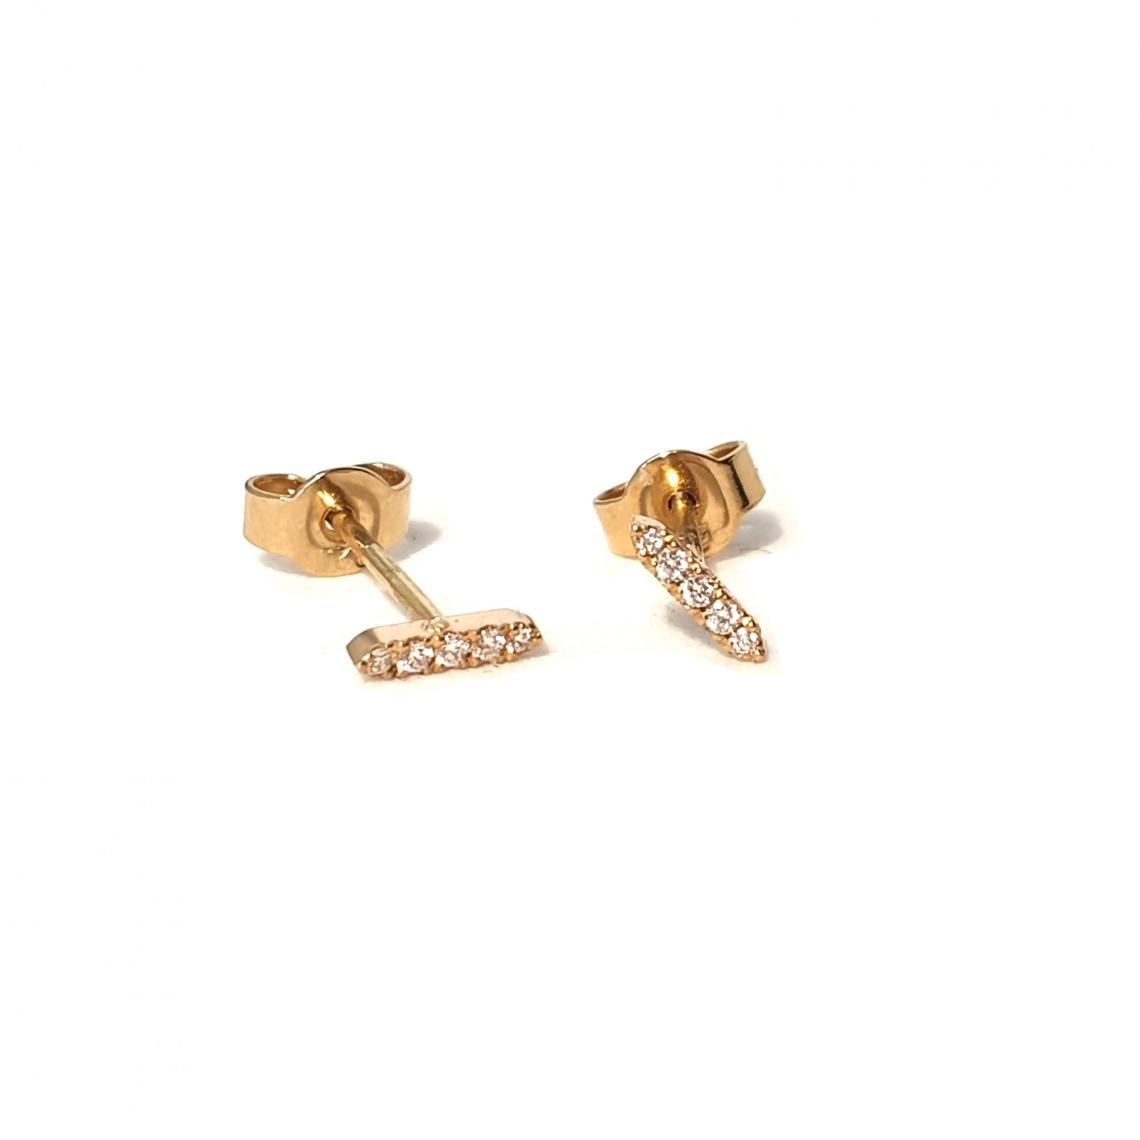 Boucles d'oreilles or et 5 diamants